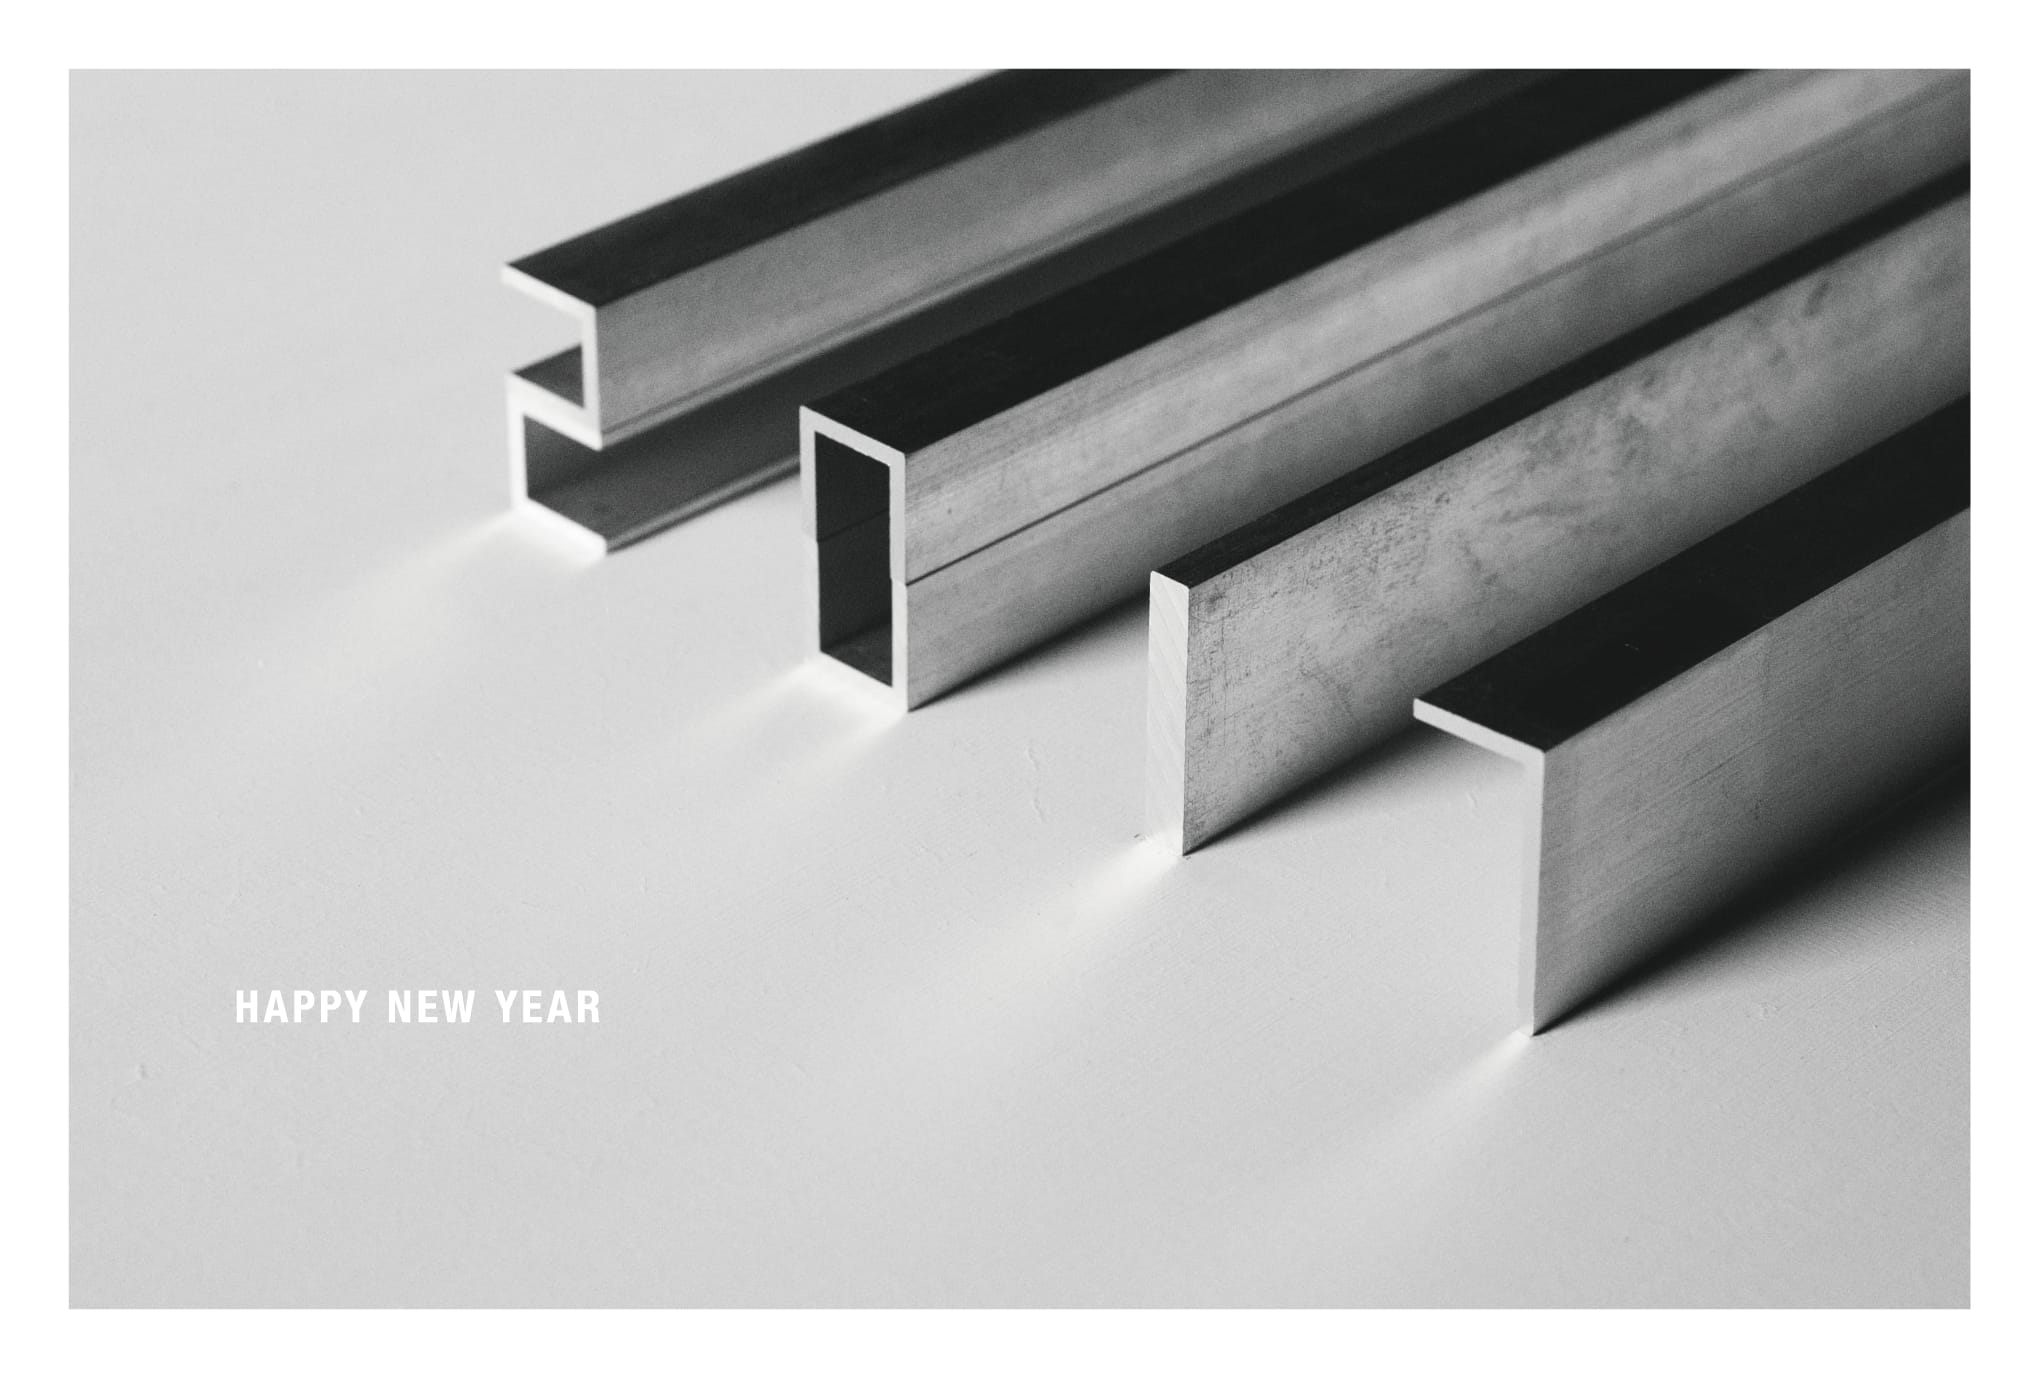 2017年賀状08-2:Alumi-new-m 2017 / 横のダウンロード画像